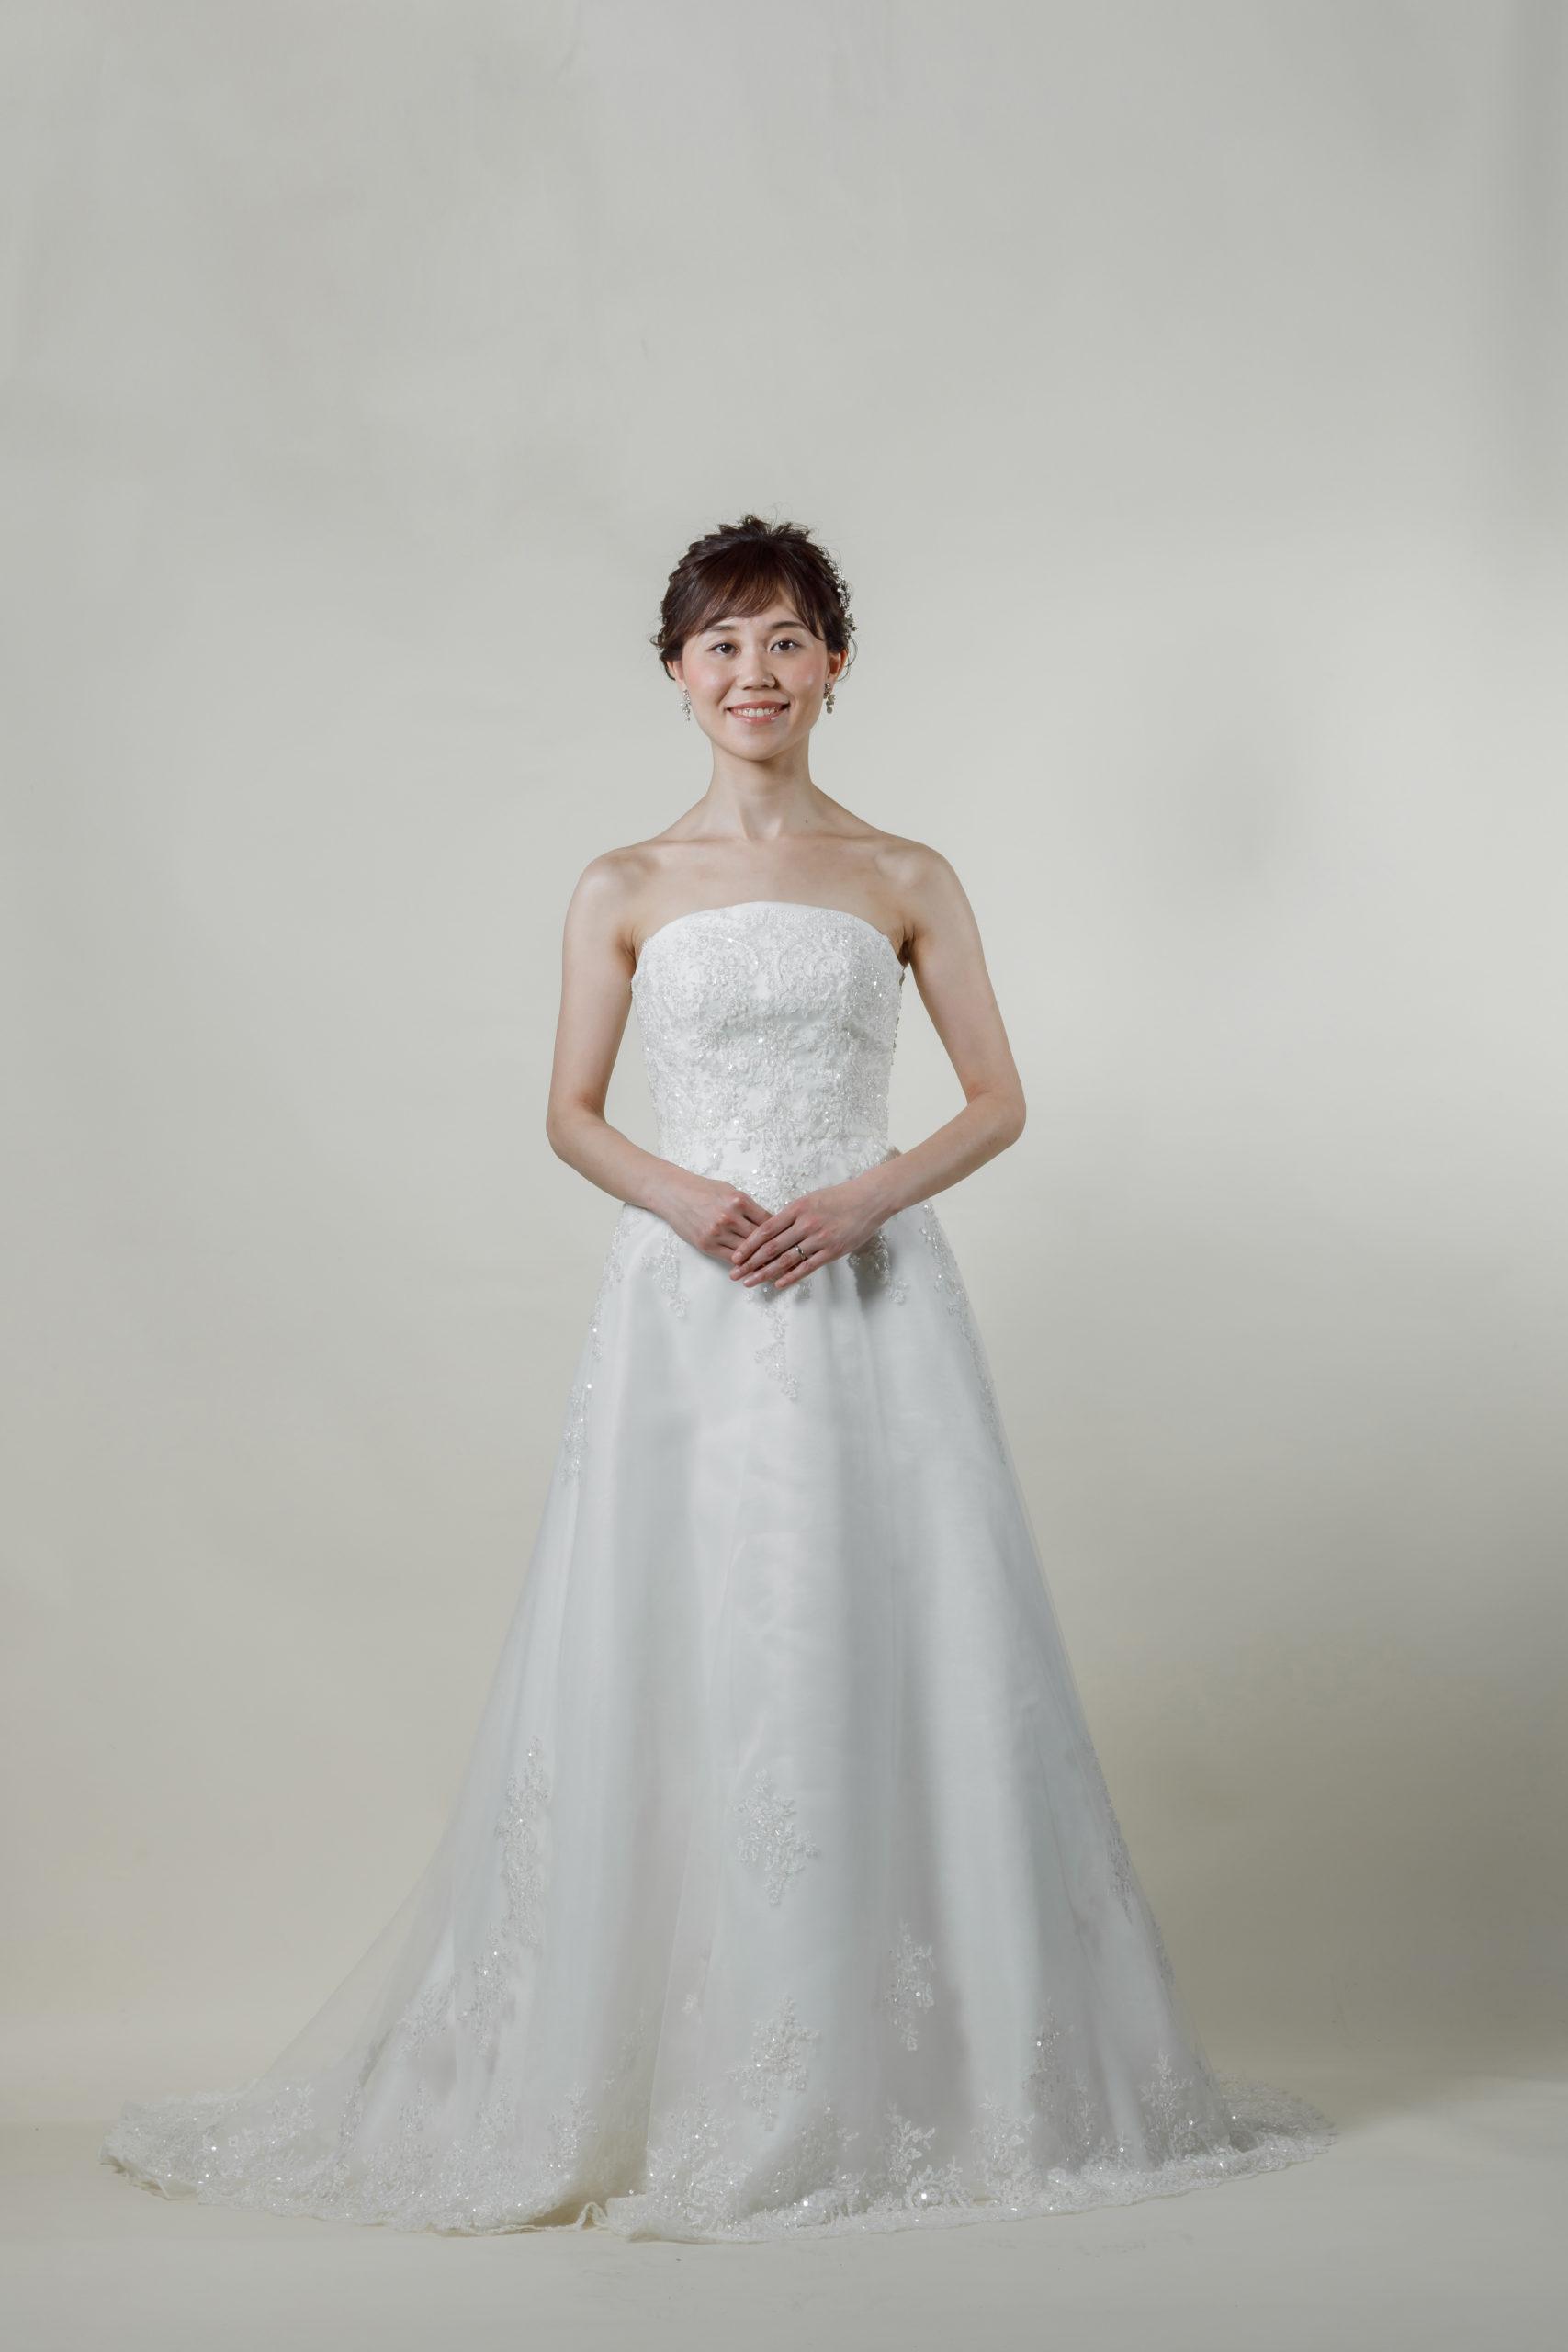 洋装 ウェディング ドレス 前撮り 正面向き画像 CR-1390-B ラグジュアリーコレクション